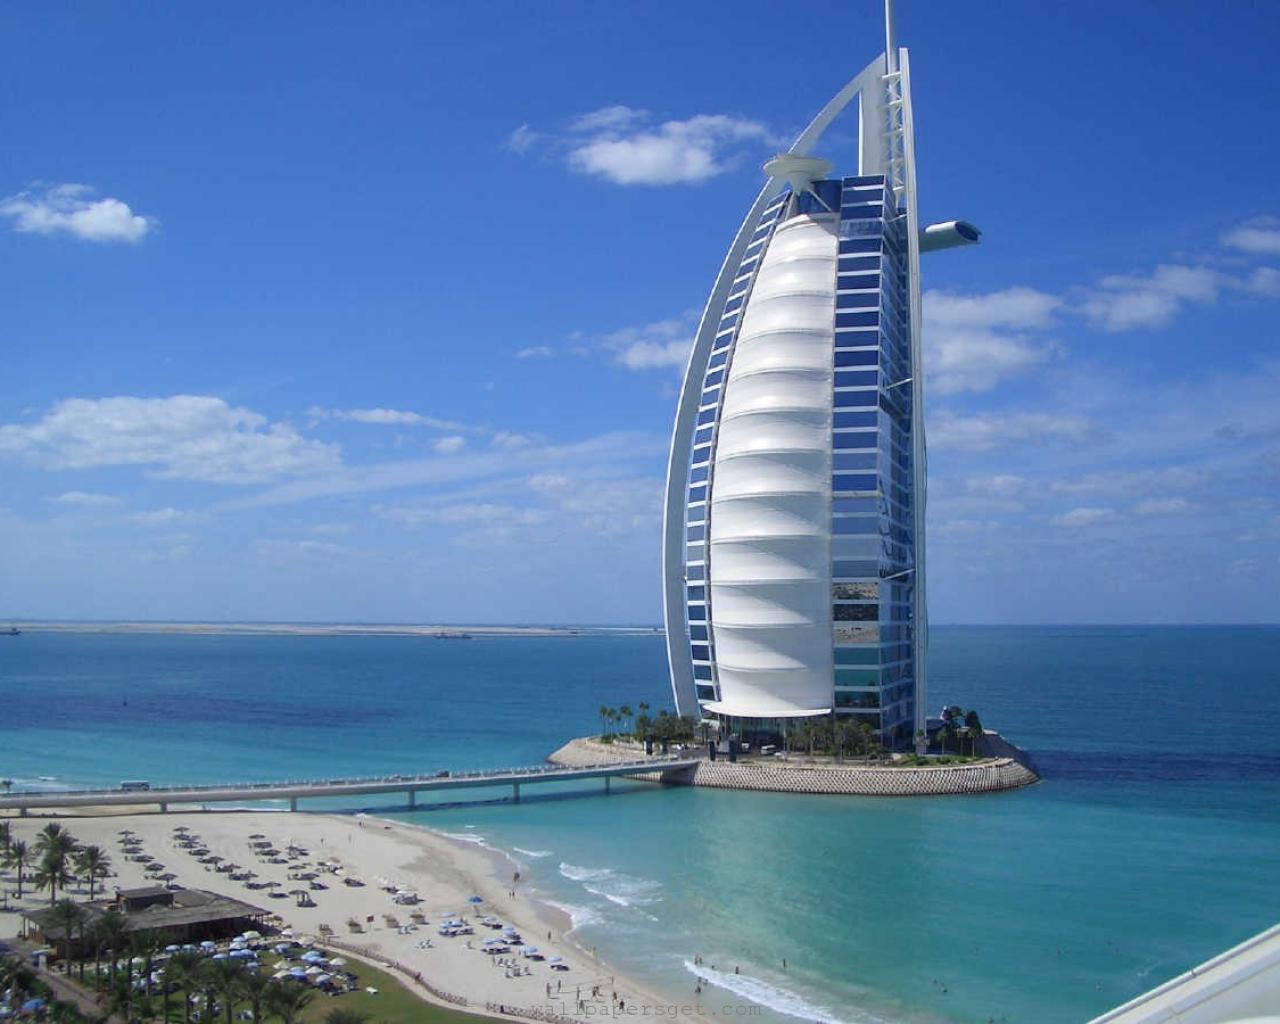 Burj AL Arab Jumeirah Beautiful Hotel HD Image